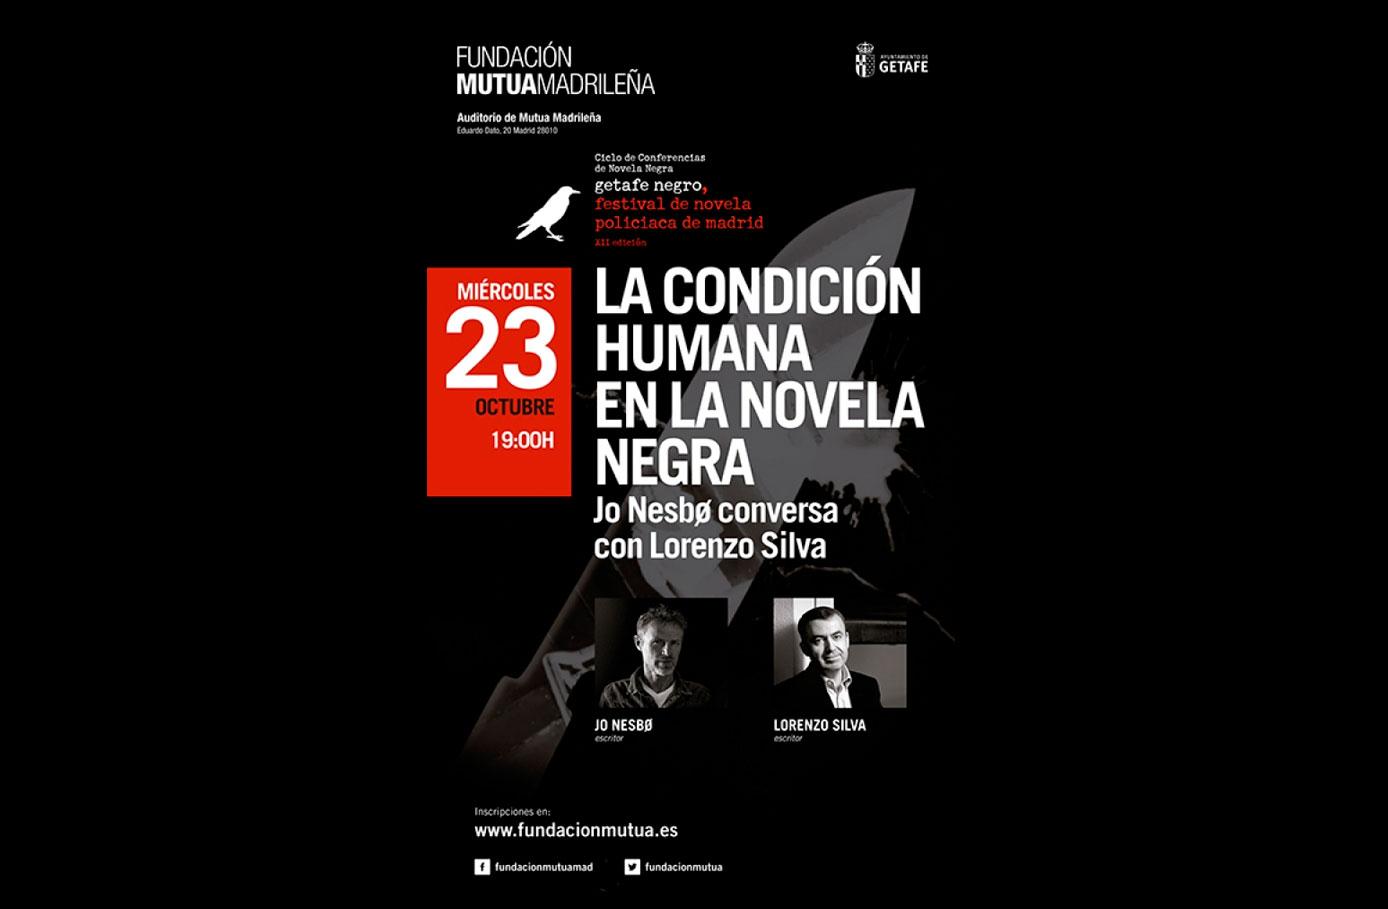 la-condicion-humana-novela-negra